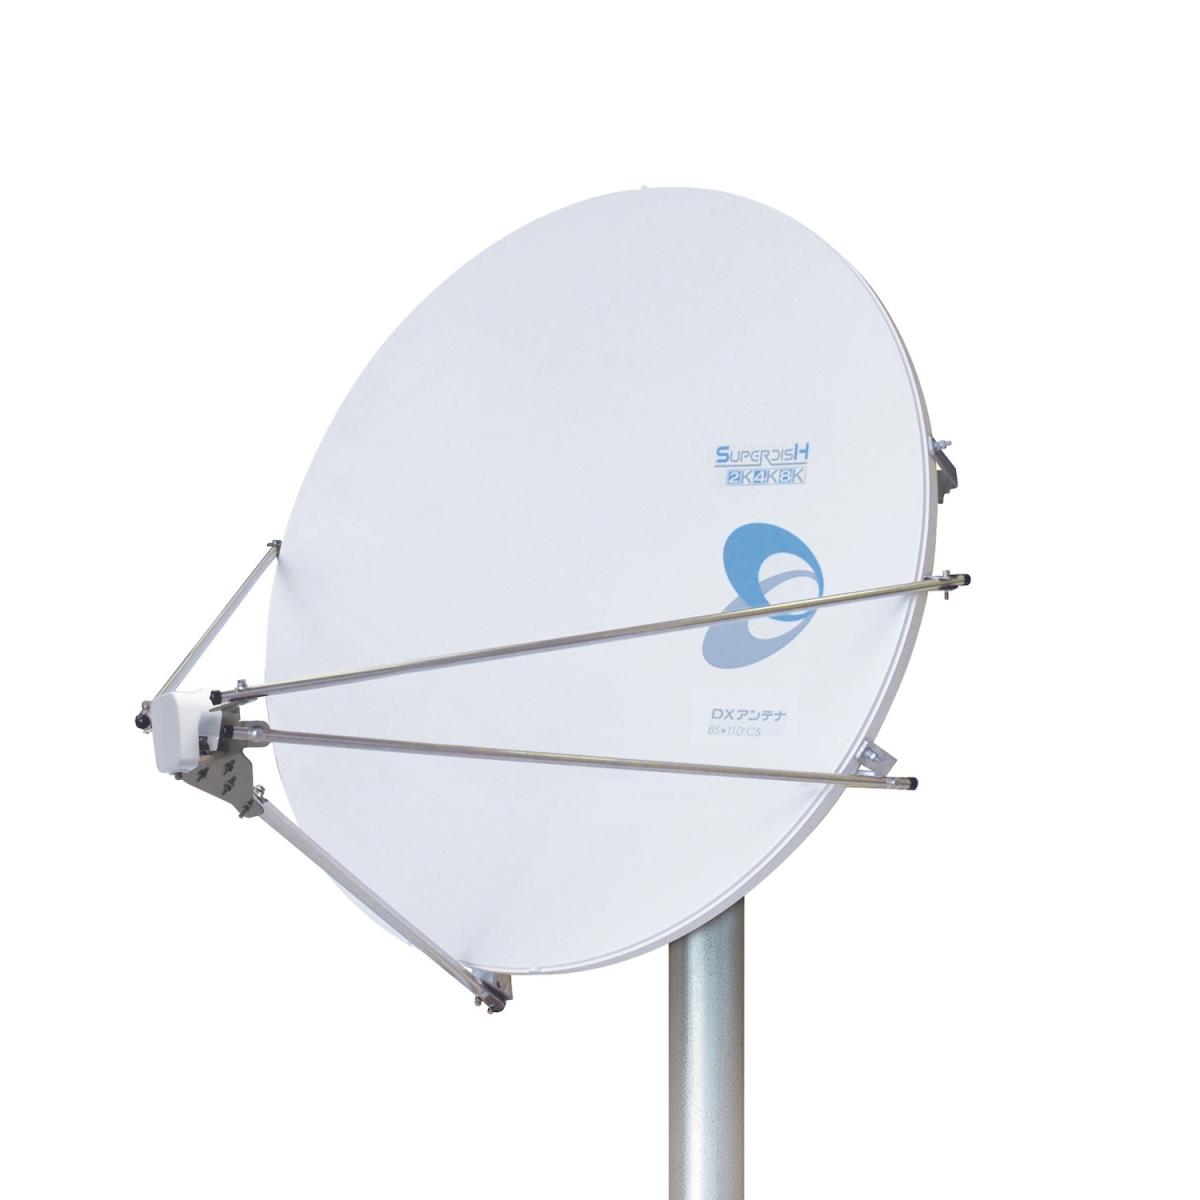 〔送料無料〕 DXアンテナ 2K・4K・8K対応 120形BS・110度CSアンテナ (耐風速90m/s) BC1203SH